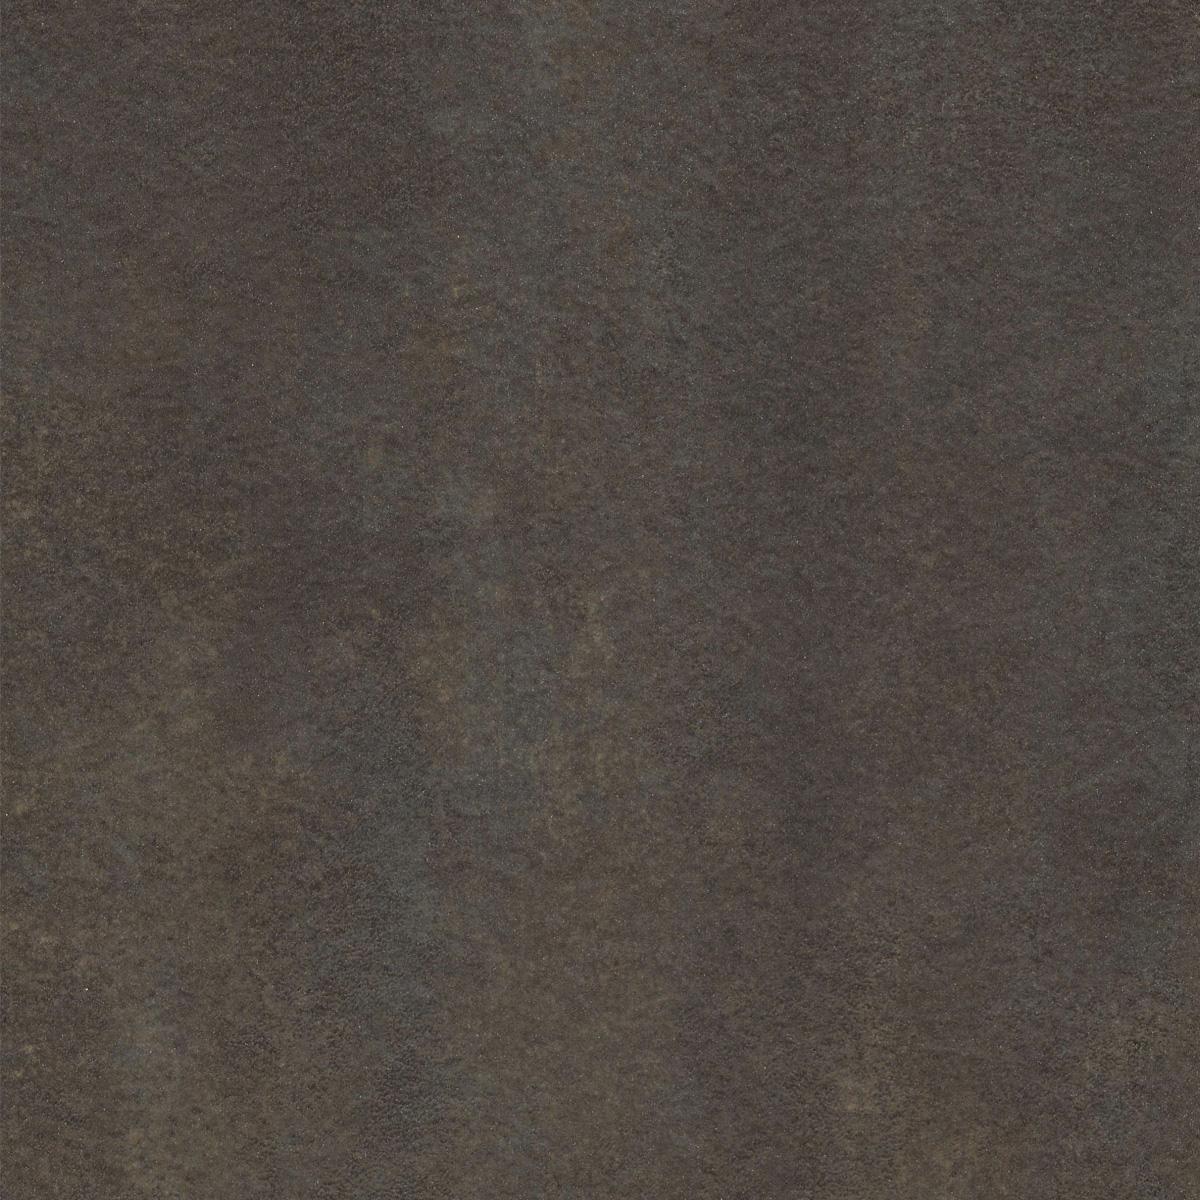 Ausschnitt der Sela Tischplatte Rusty Rock.